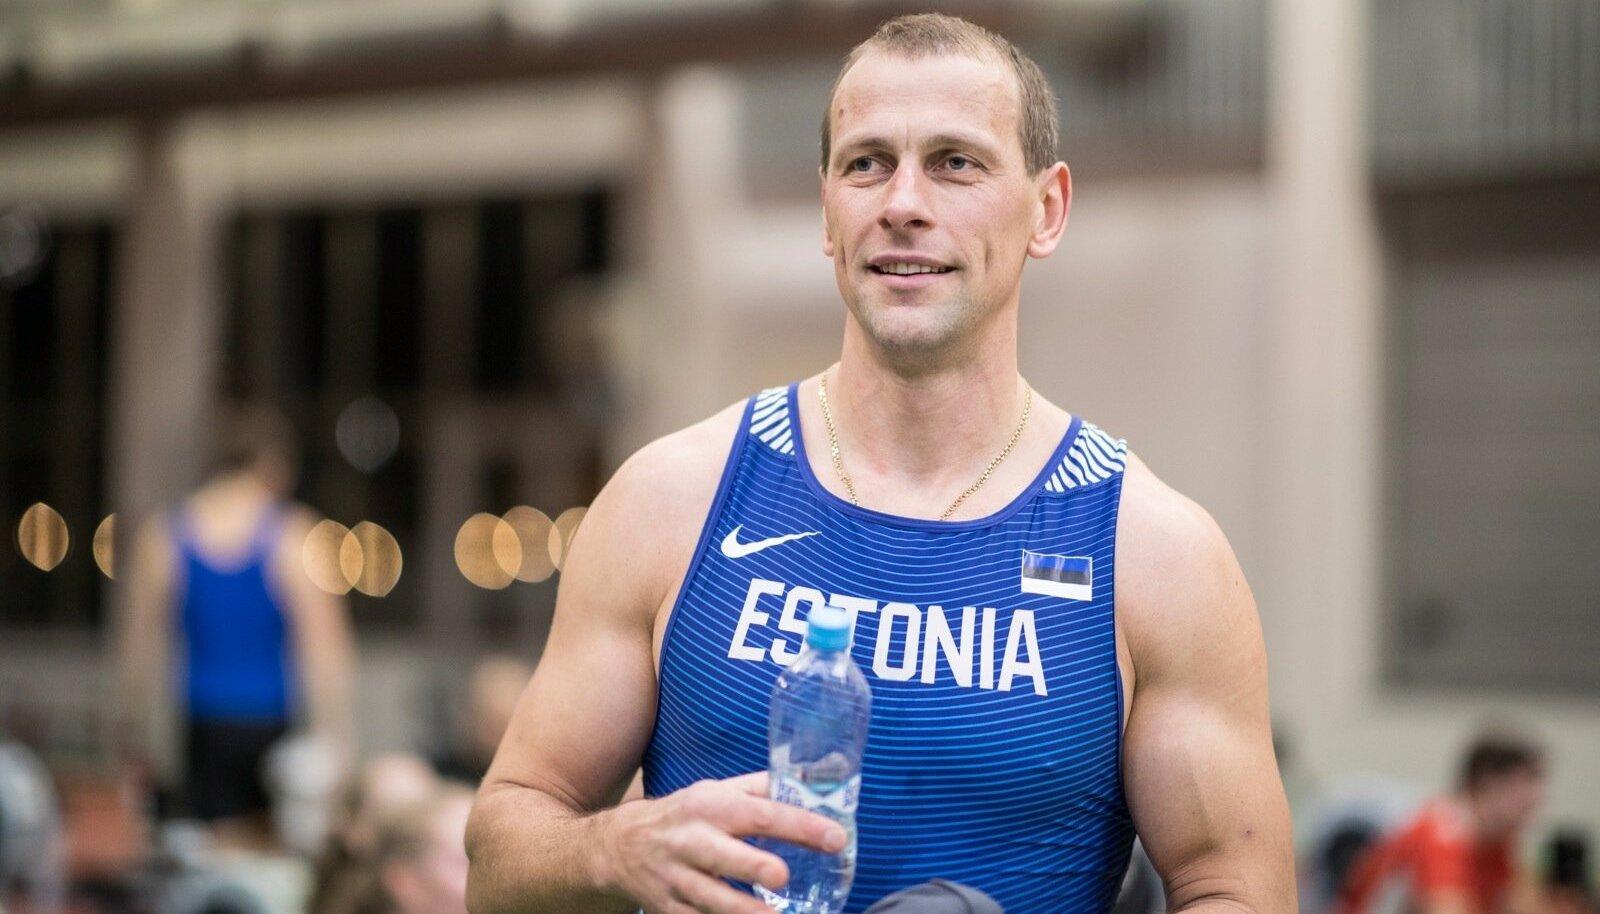 Sõudeergomeetrite võistlus Alfa 2018, 27.01.2018, Tallina Spordihallis